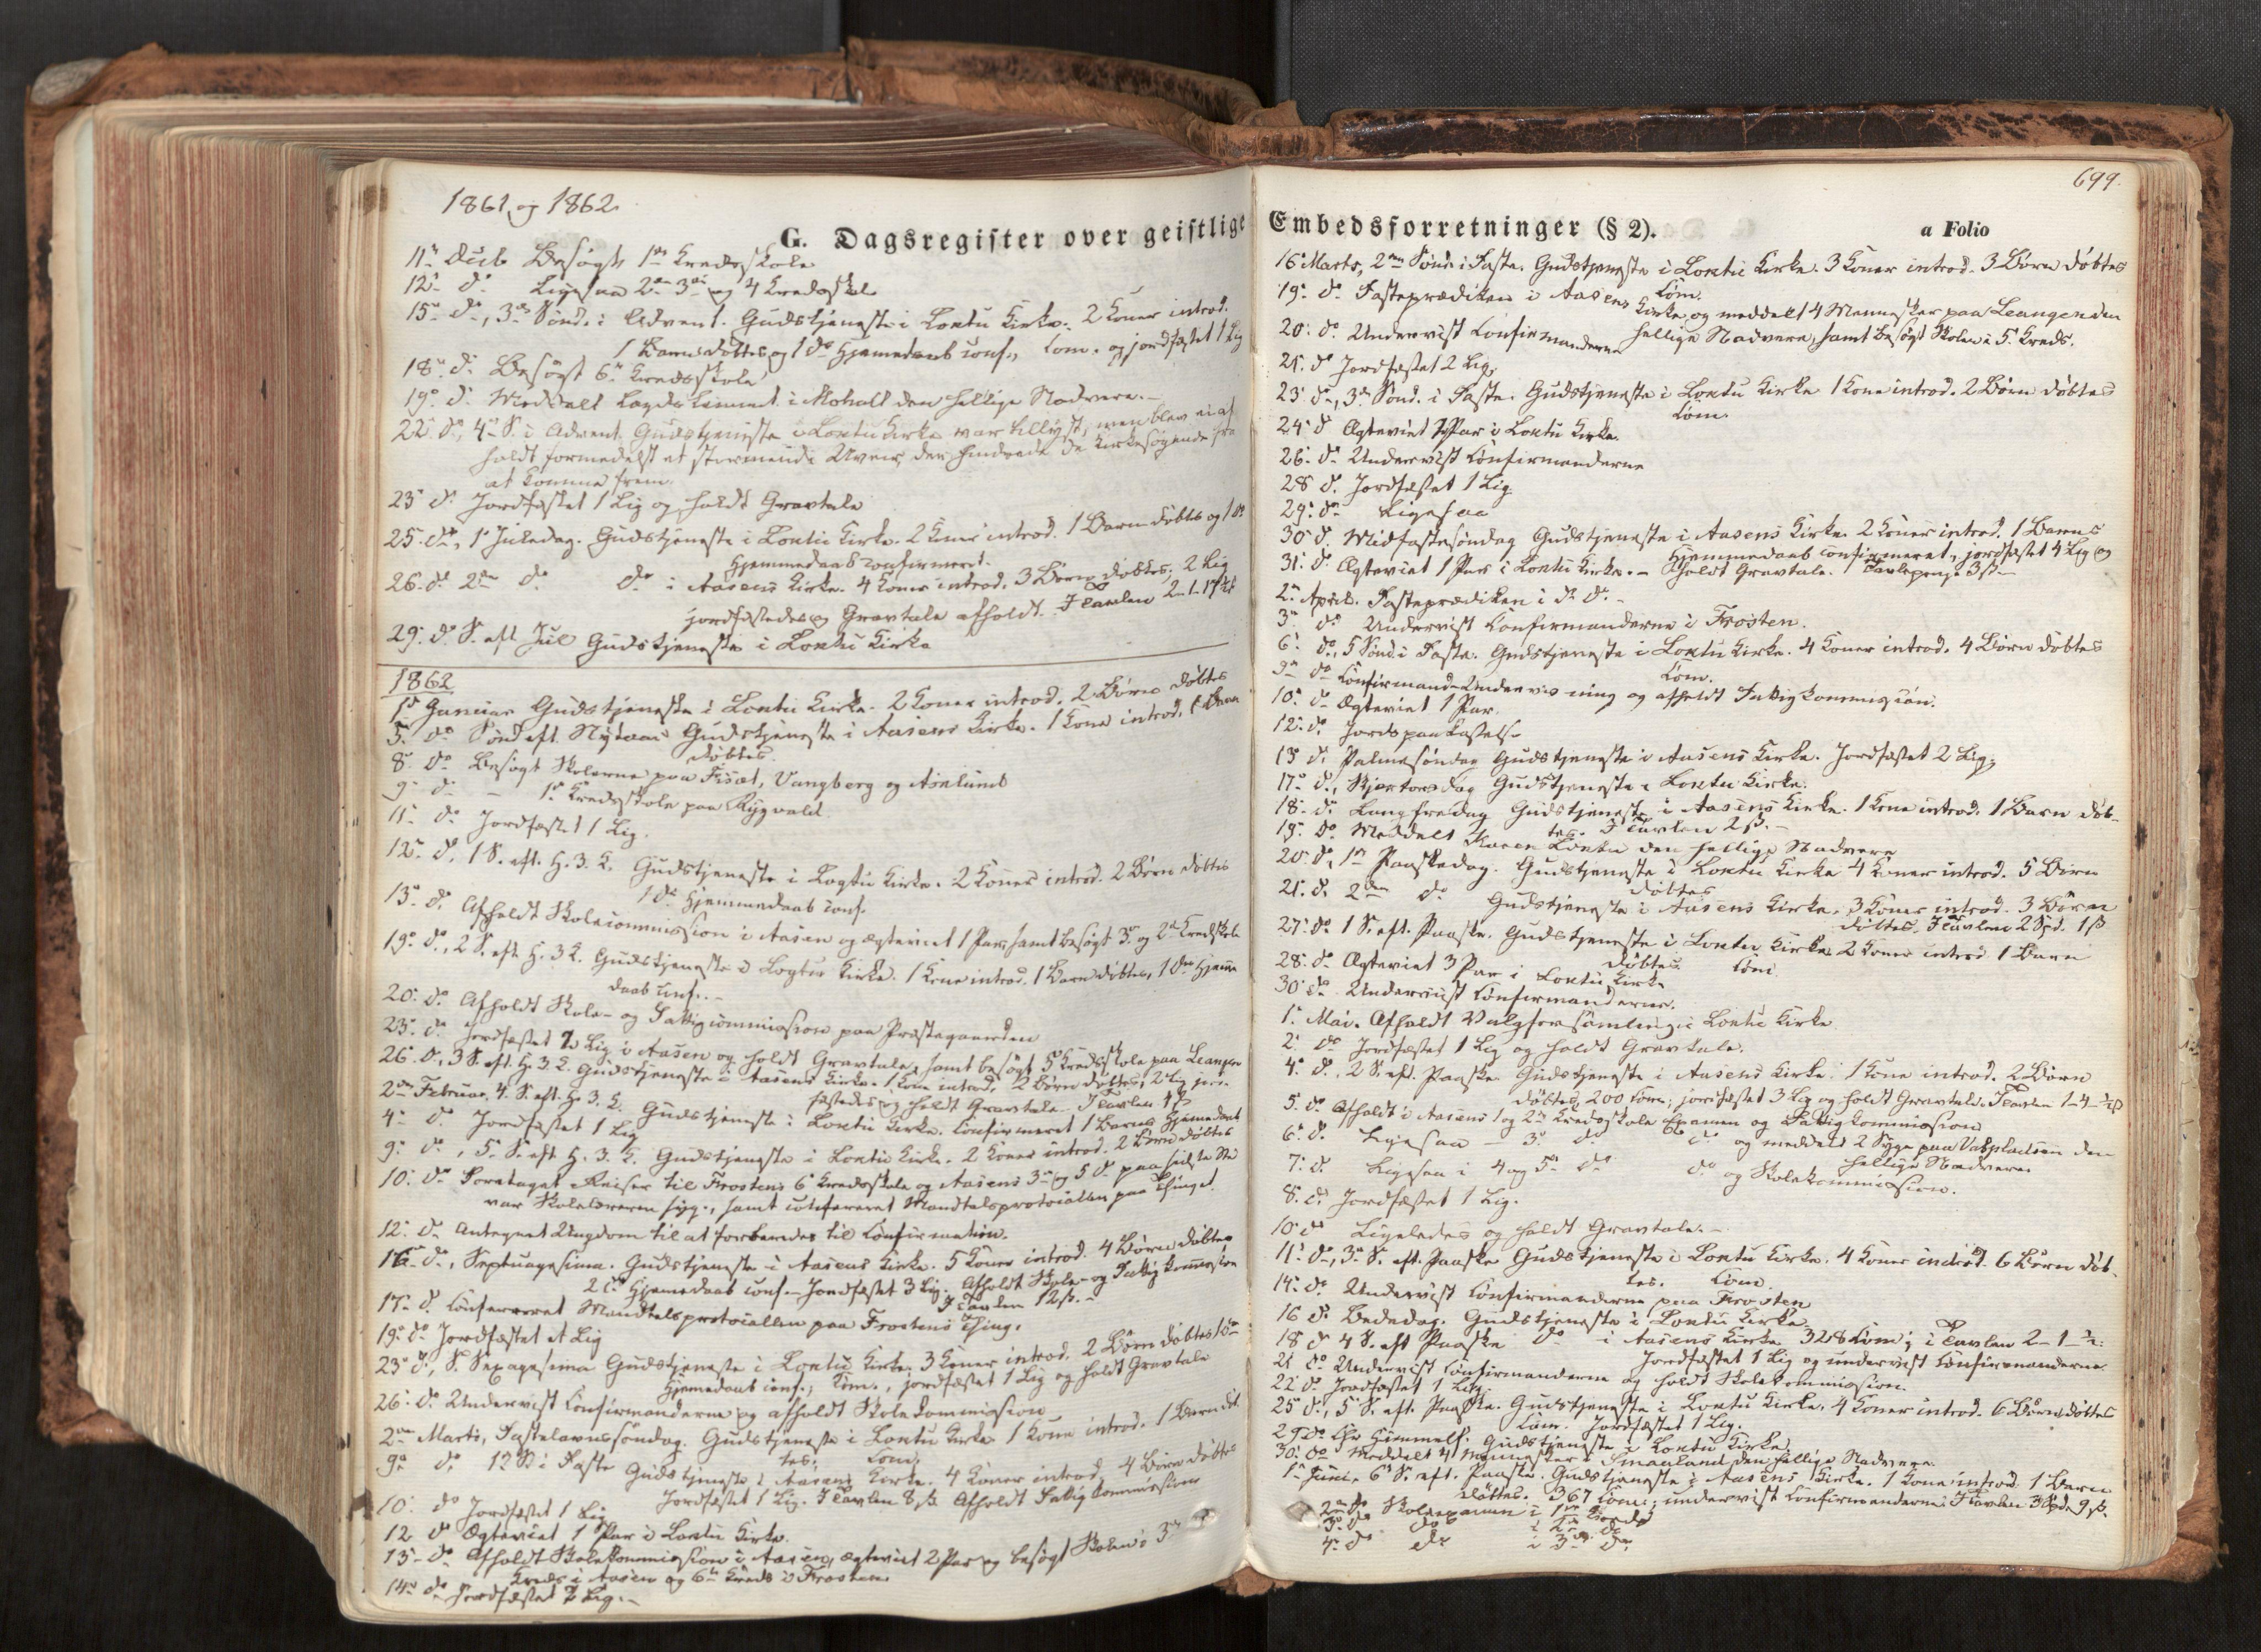 SAT, Ministerialprotokoller, klokkerbøker og fødselsregistre - Nord-Trøndelag, 713/L0116: Ministerialbok nr. 713A07, 1850-1877, s. 699